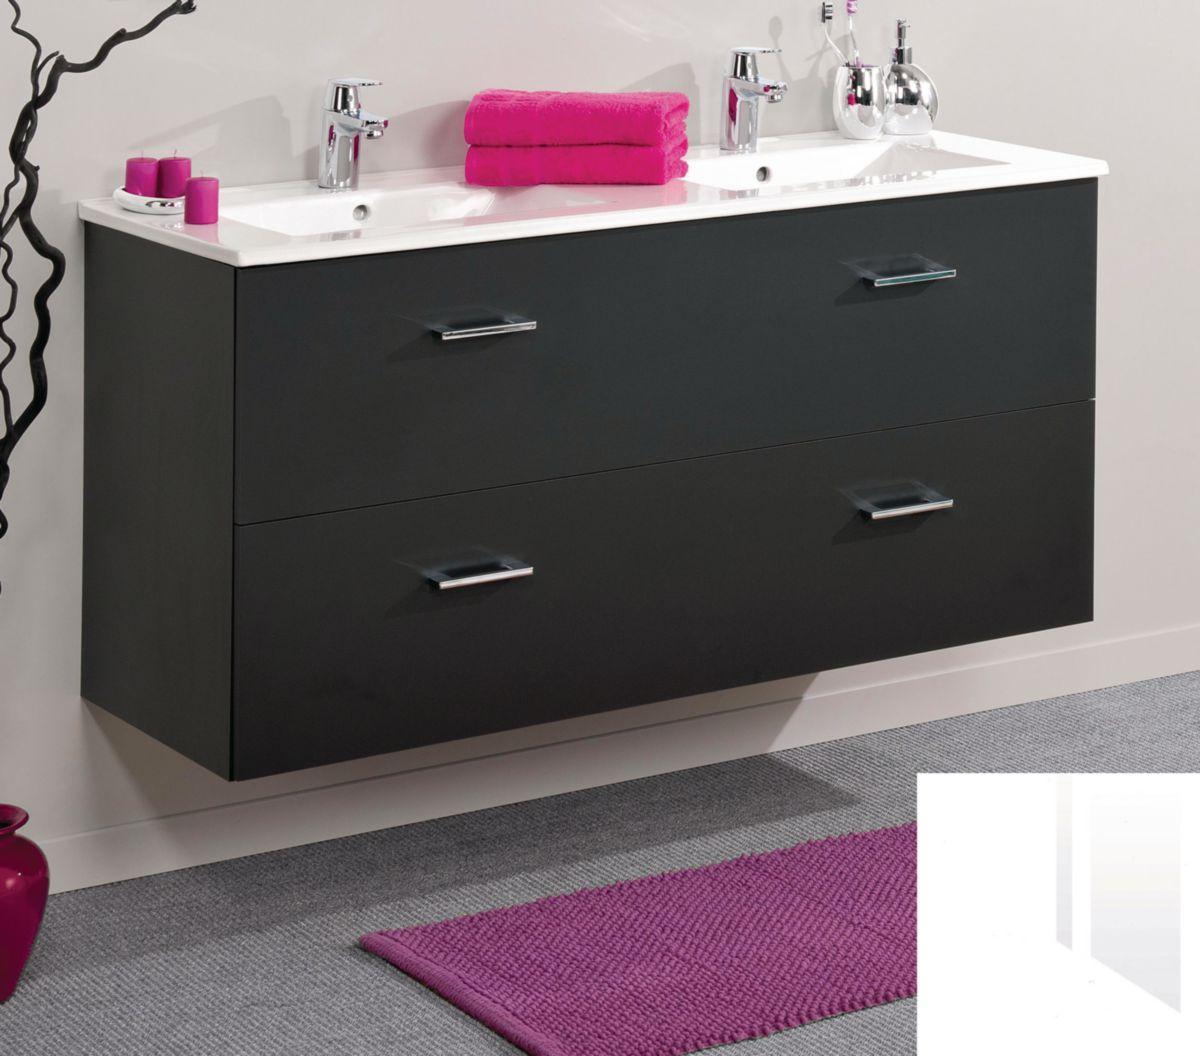 meuble sous-vasque h600mm 2 coulissants à fermeture freinée tiroir